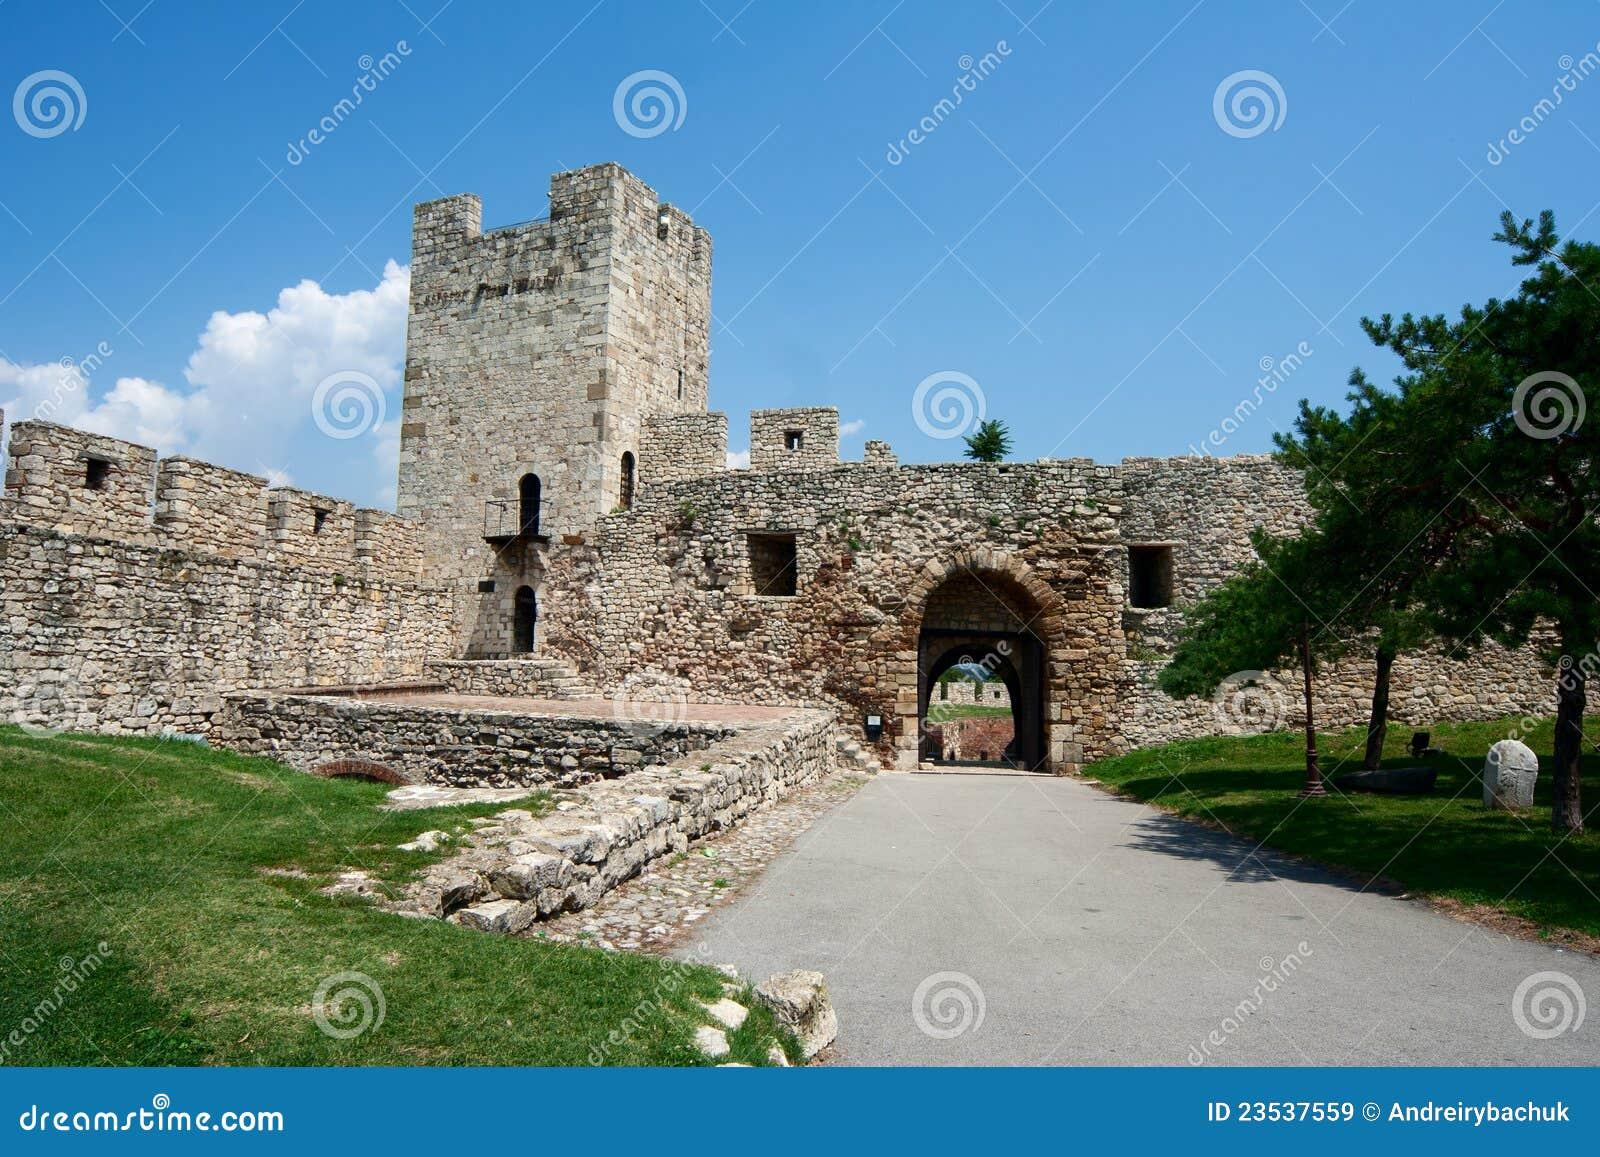 Fortress Kalemegdan in Belgrade